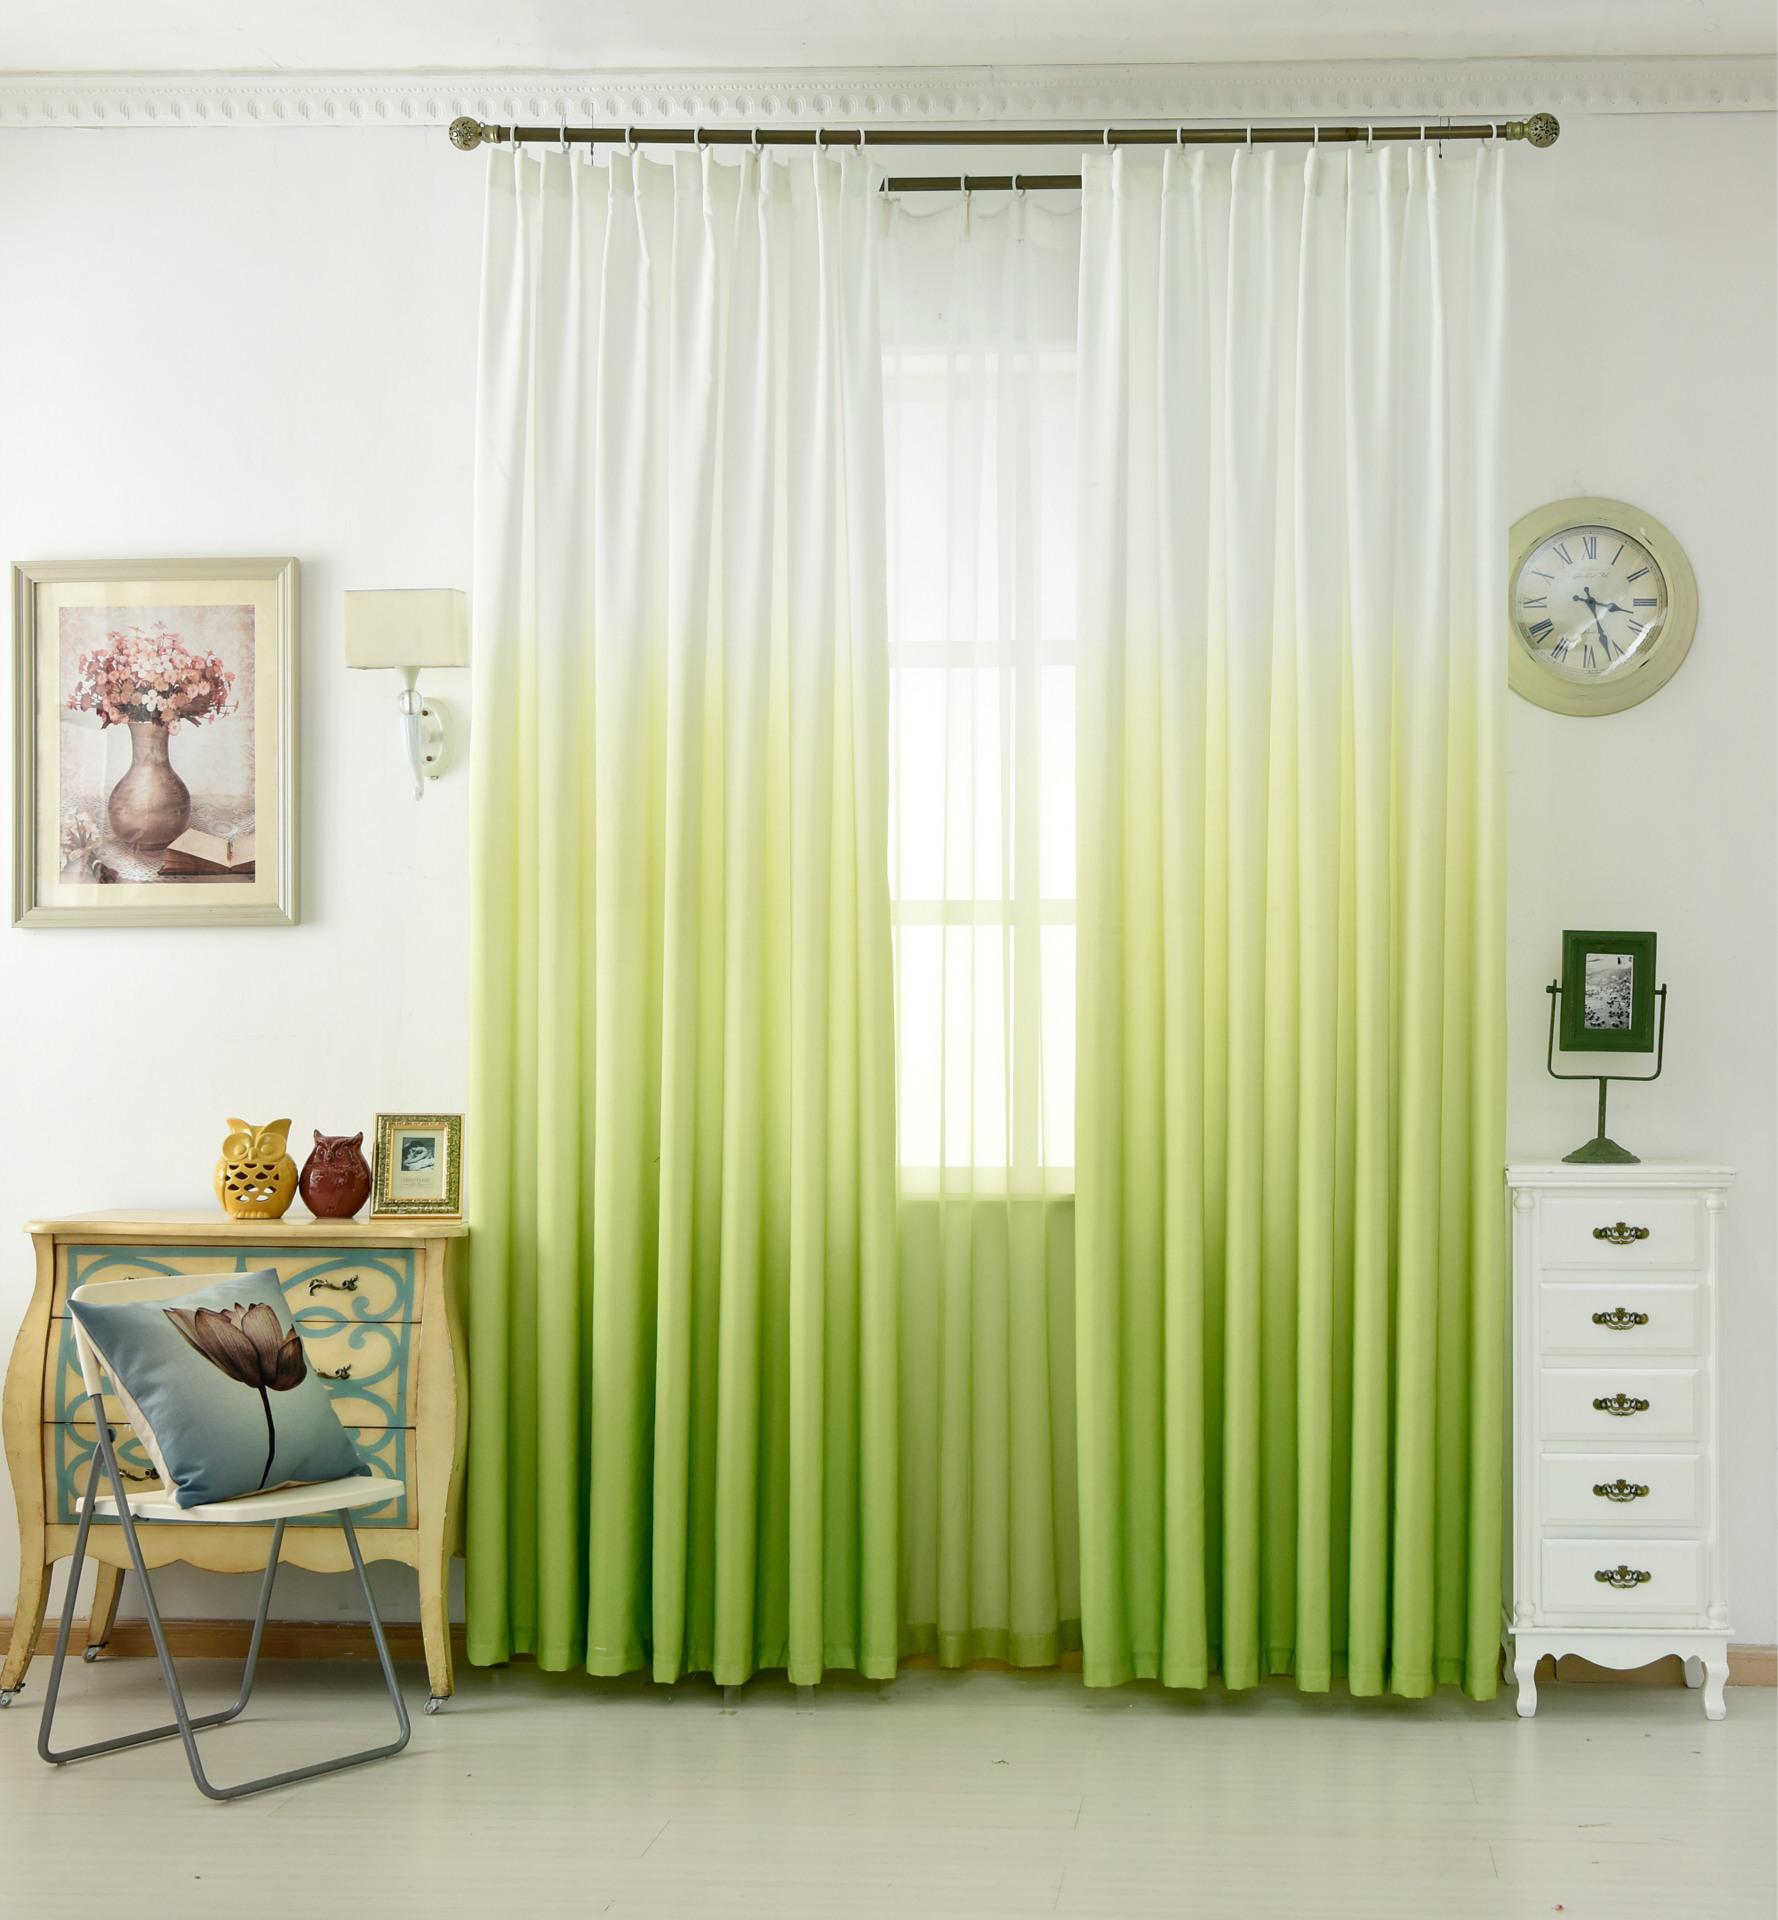 XIAORAN rèm thuỷ tinh Màn hình cửa sổ đơn giản gradient ban công phòng khách phòng ngủ bán buôn hoàn